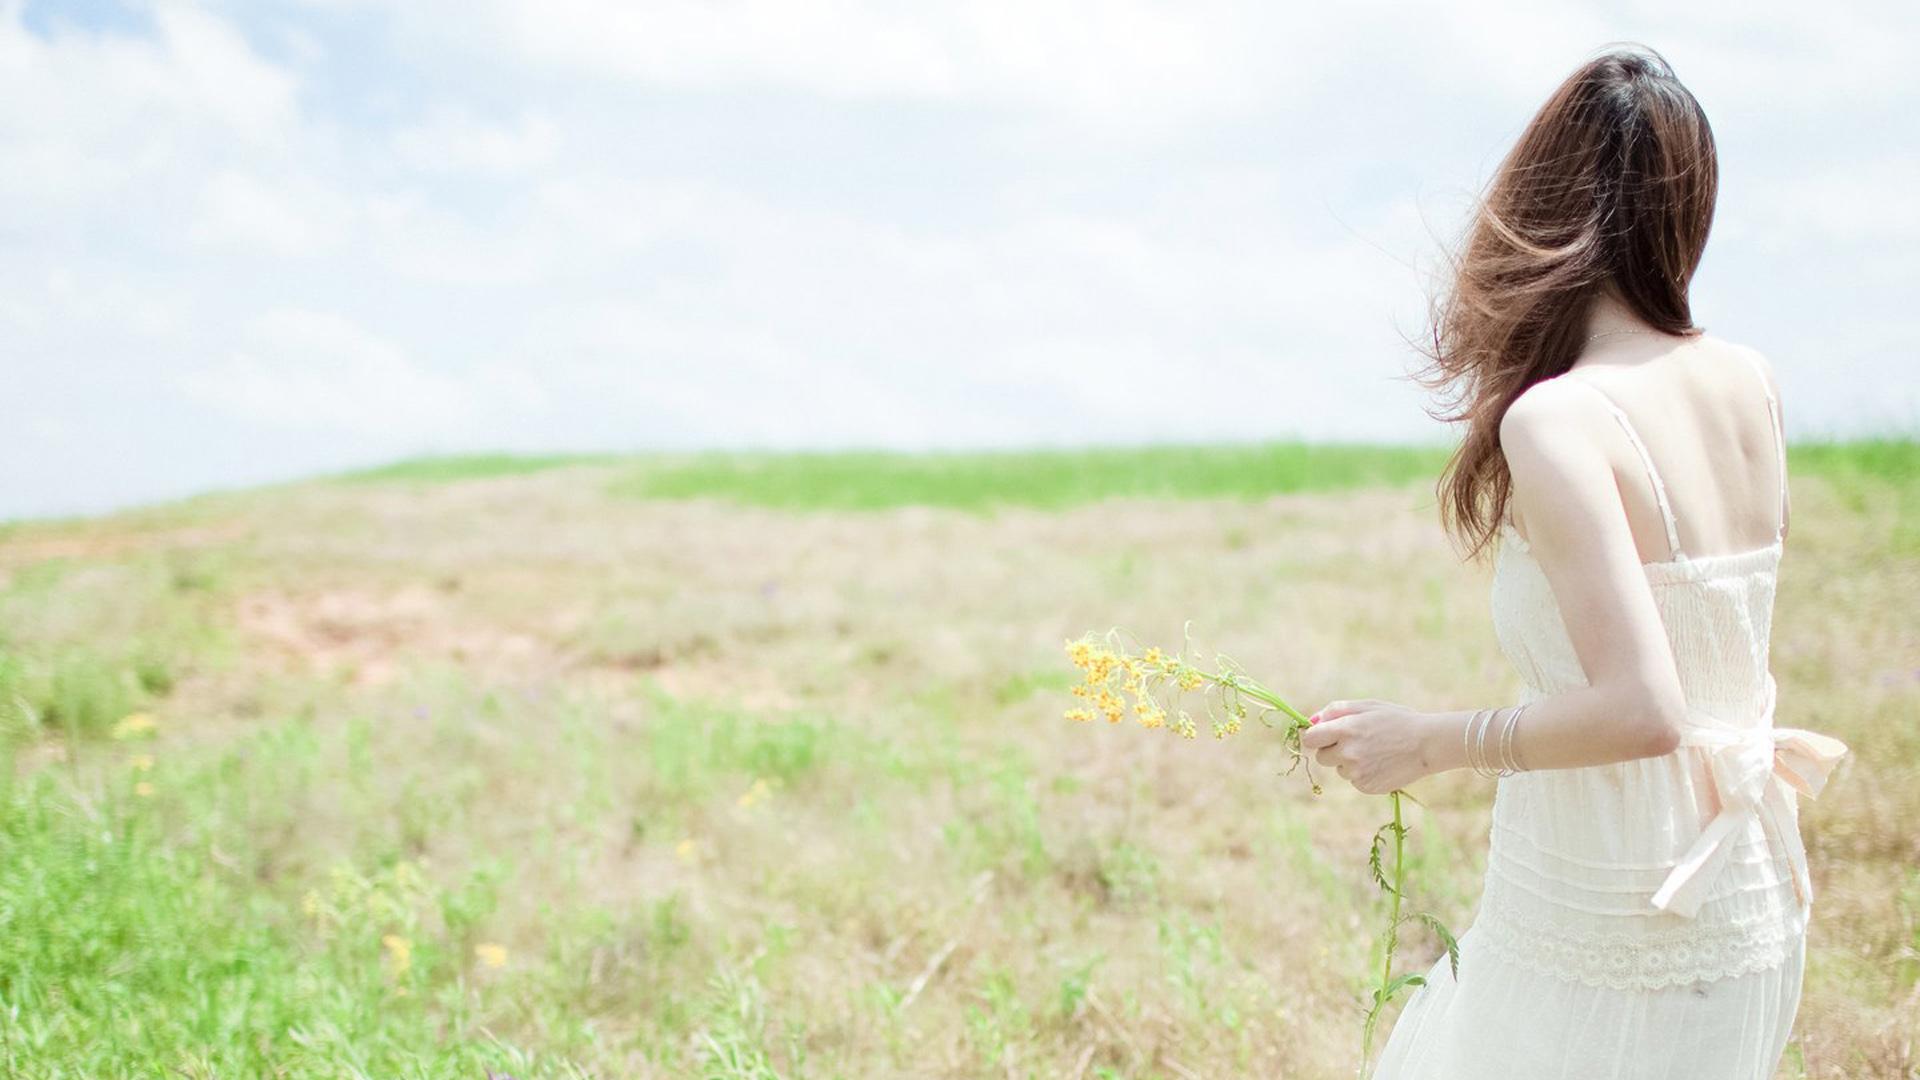 【中秋国庆大促】贵州贵阳梵净山、黄果树、荔波、西江、镇远动车6日5晚跟团游